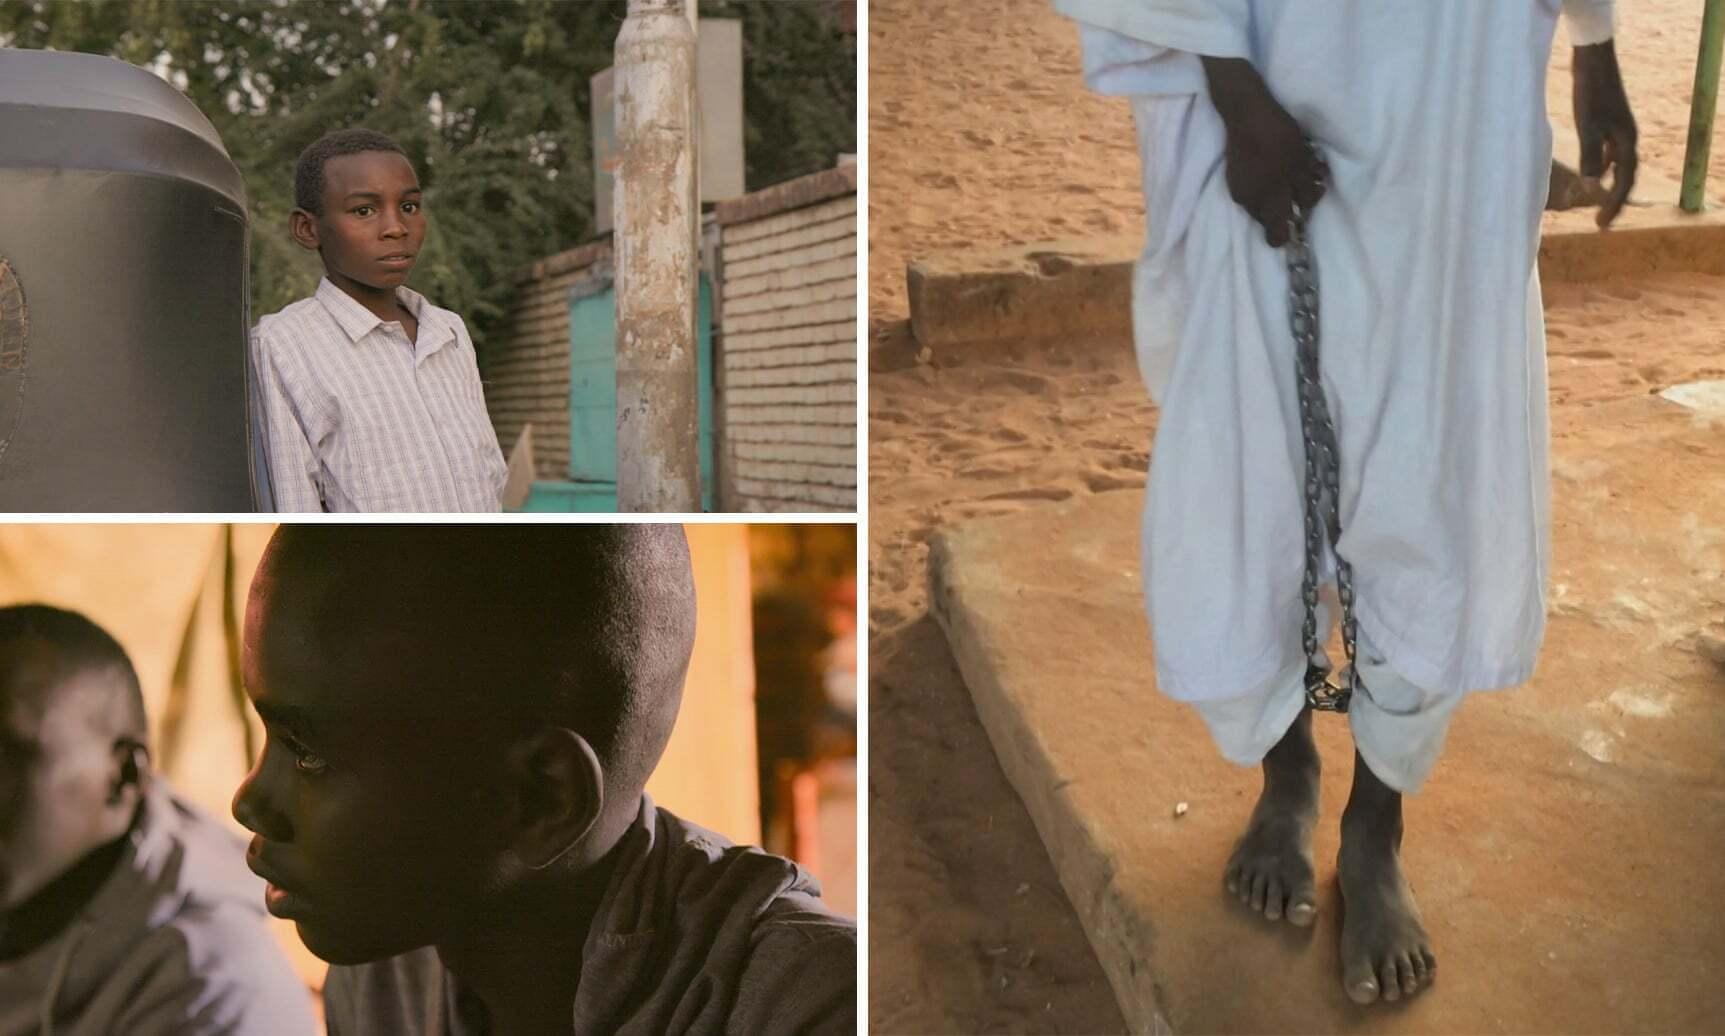 Anak-anak di Sudan disiksa di sekolah Sudan. (BBC News)